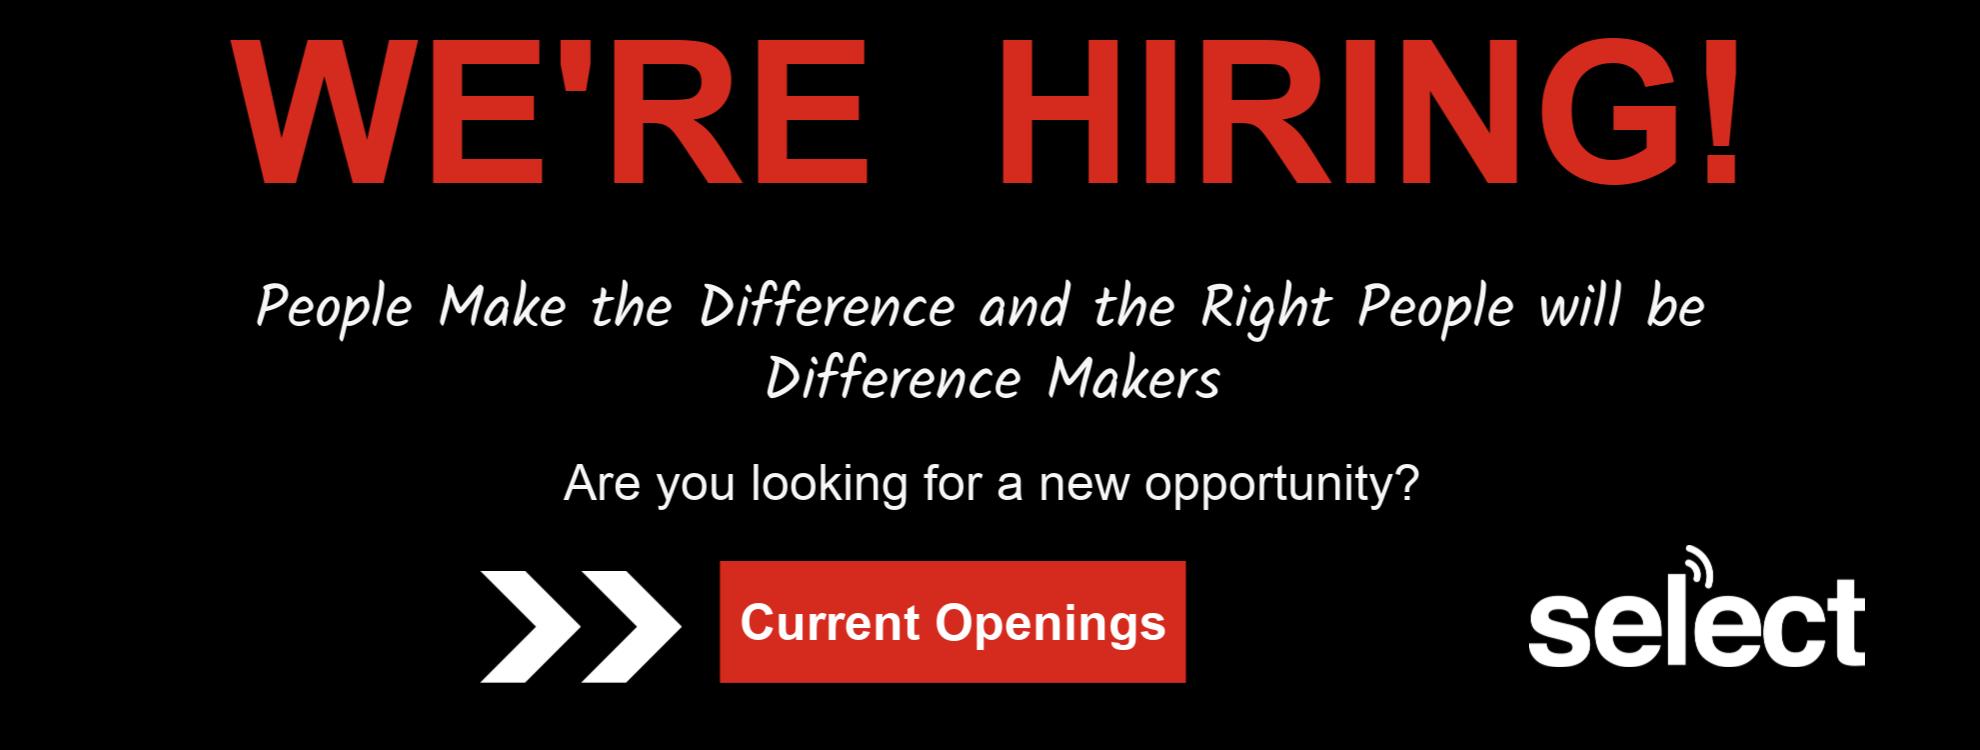 we're hiring - job opportunities